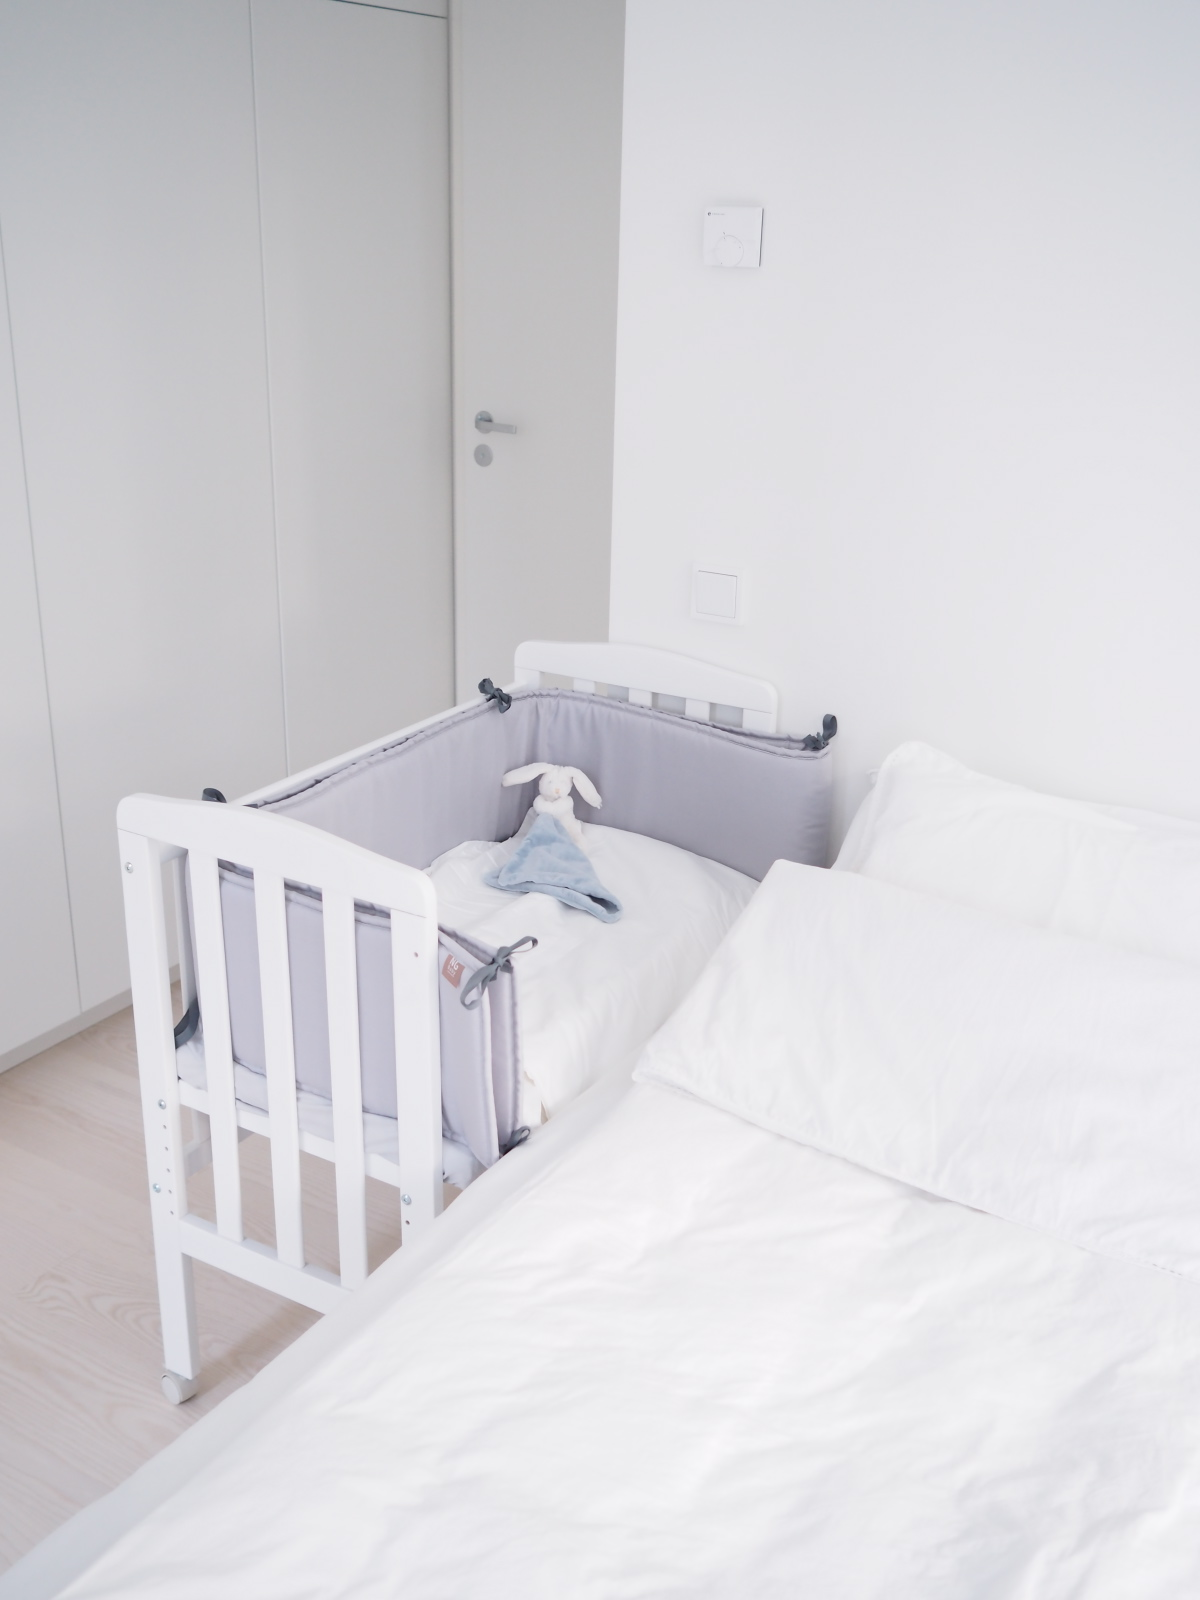 bedsidecrib.jpg